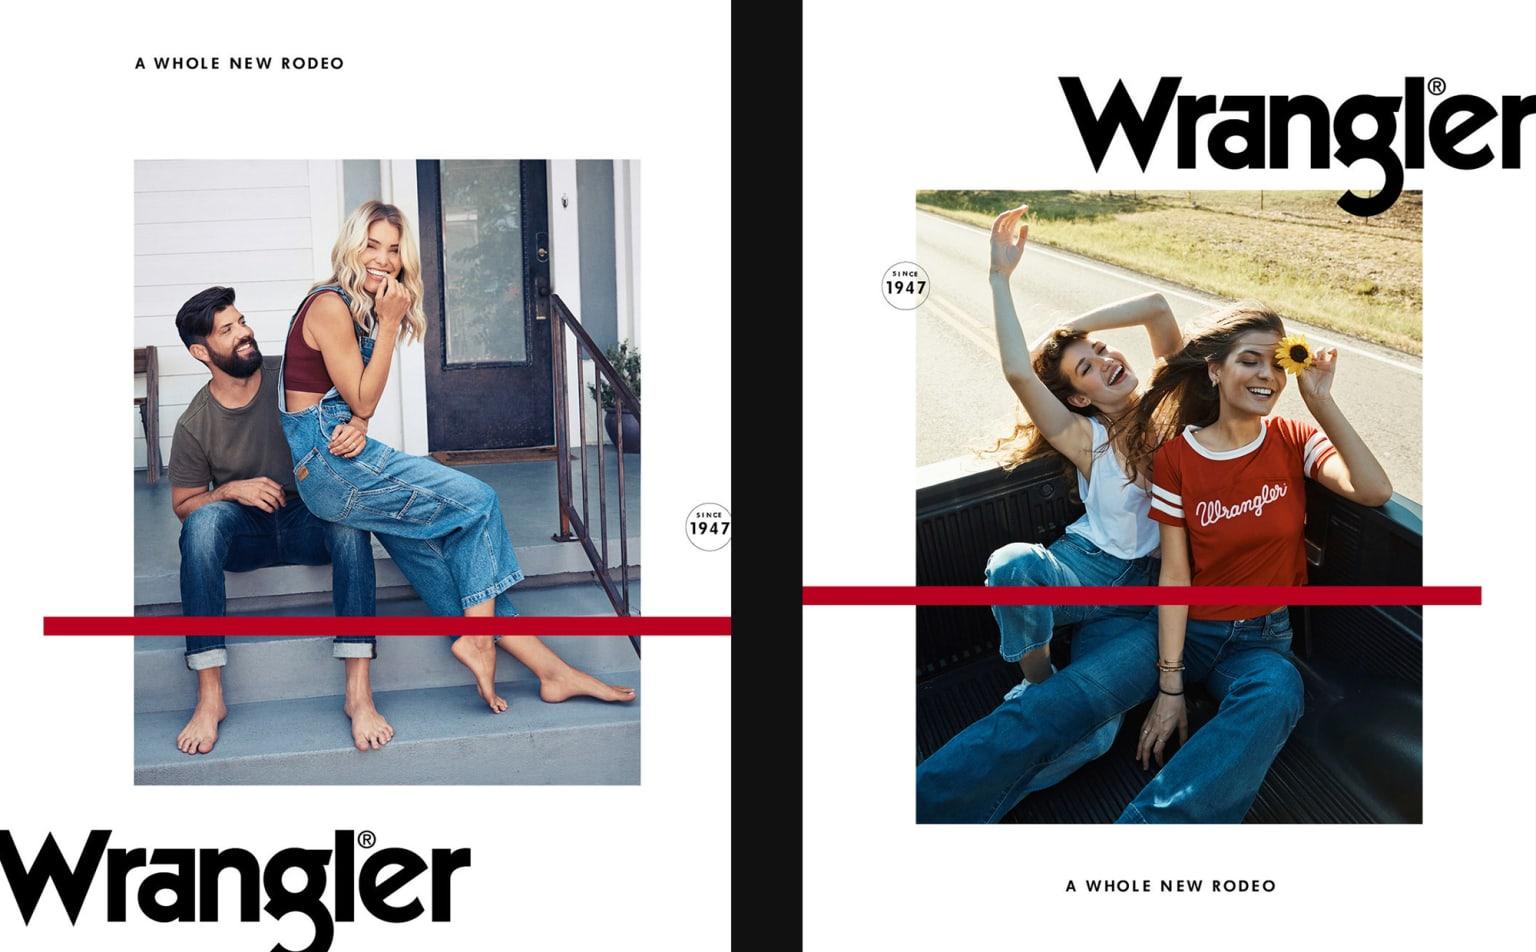 Wrangler 2018 Brand Campaign